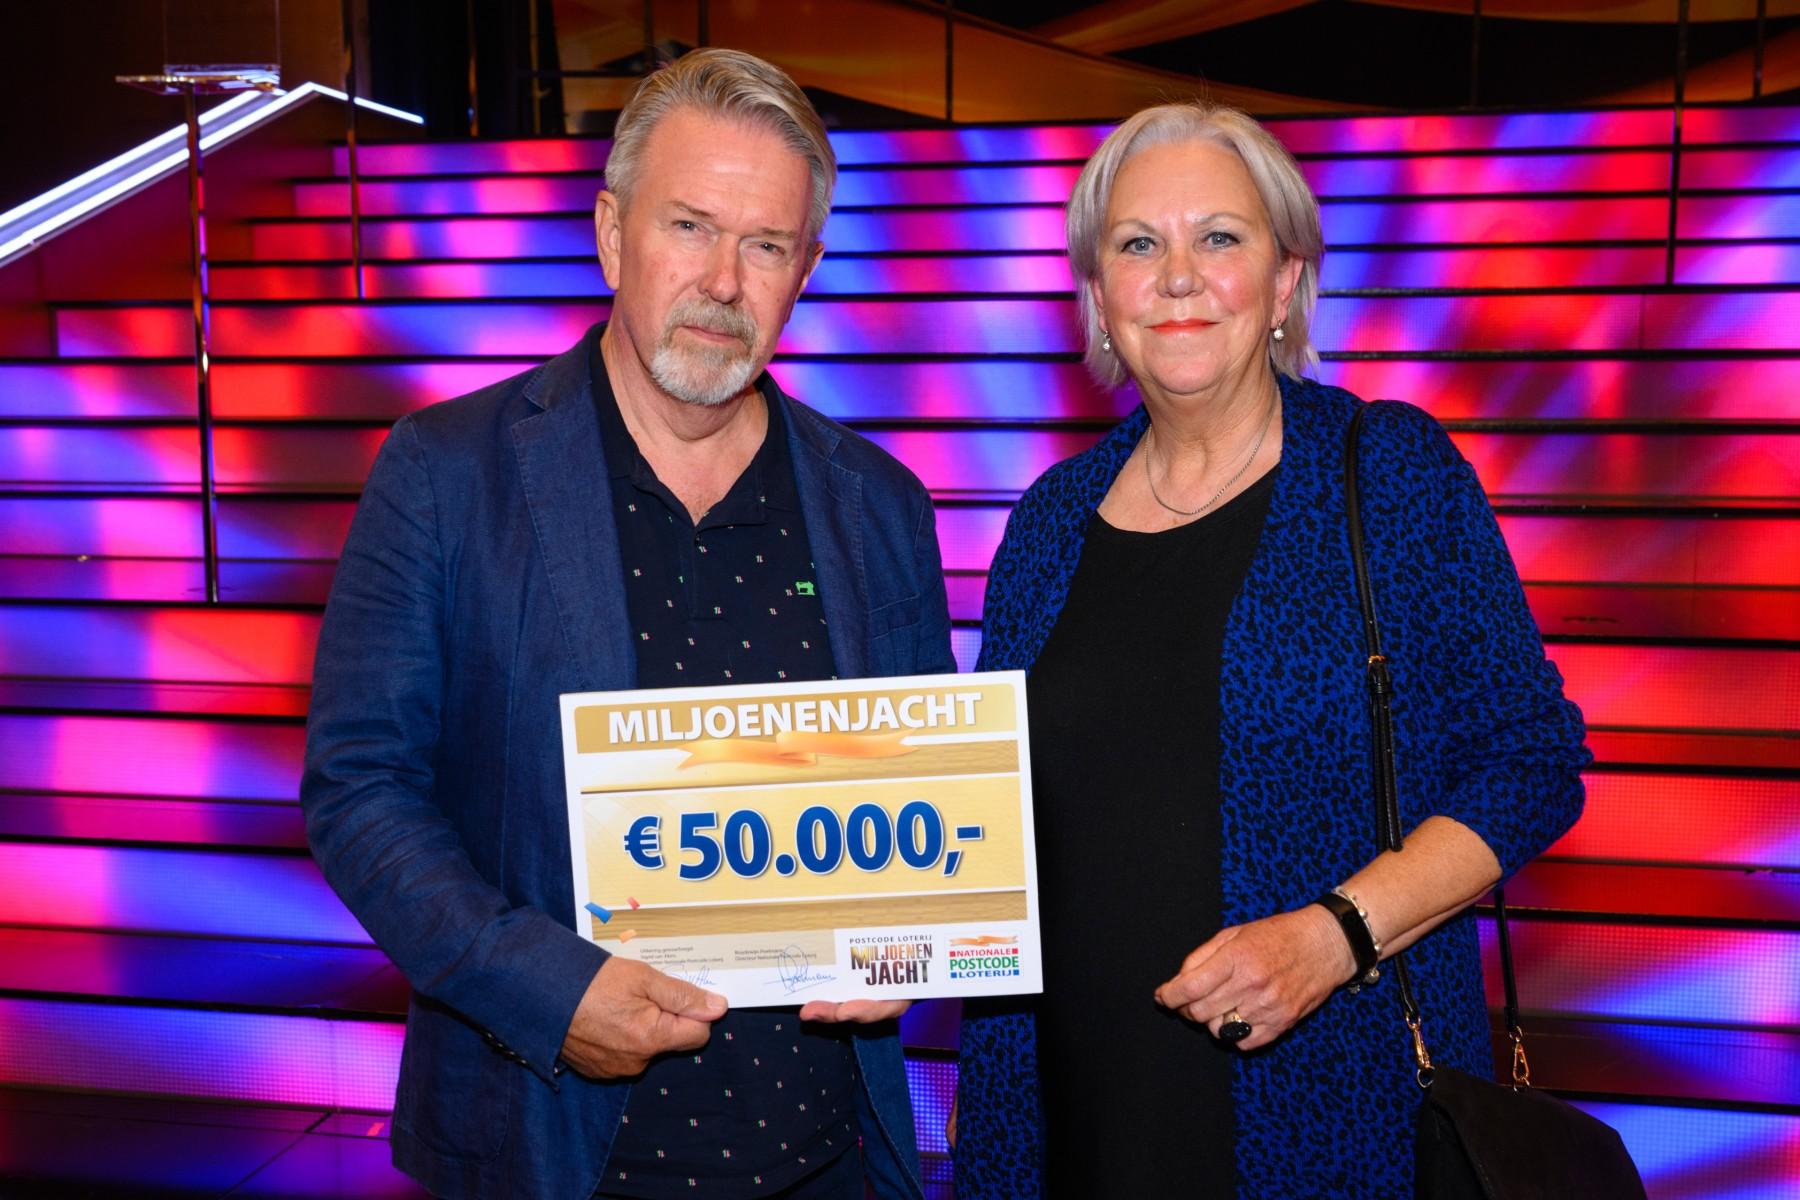 Gouden Bel Levert Wim Uit Geldrop 50 000 Euro Op Bij Tv Show Miljoenenjacht